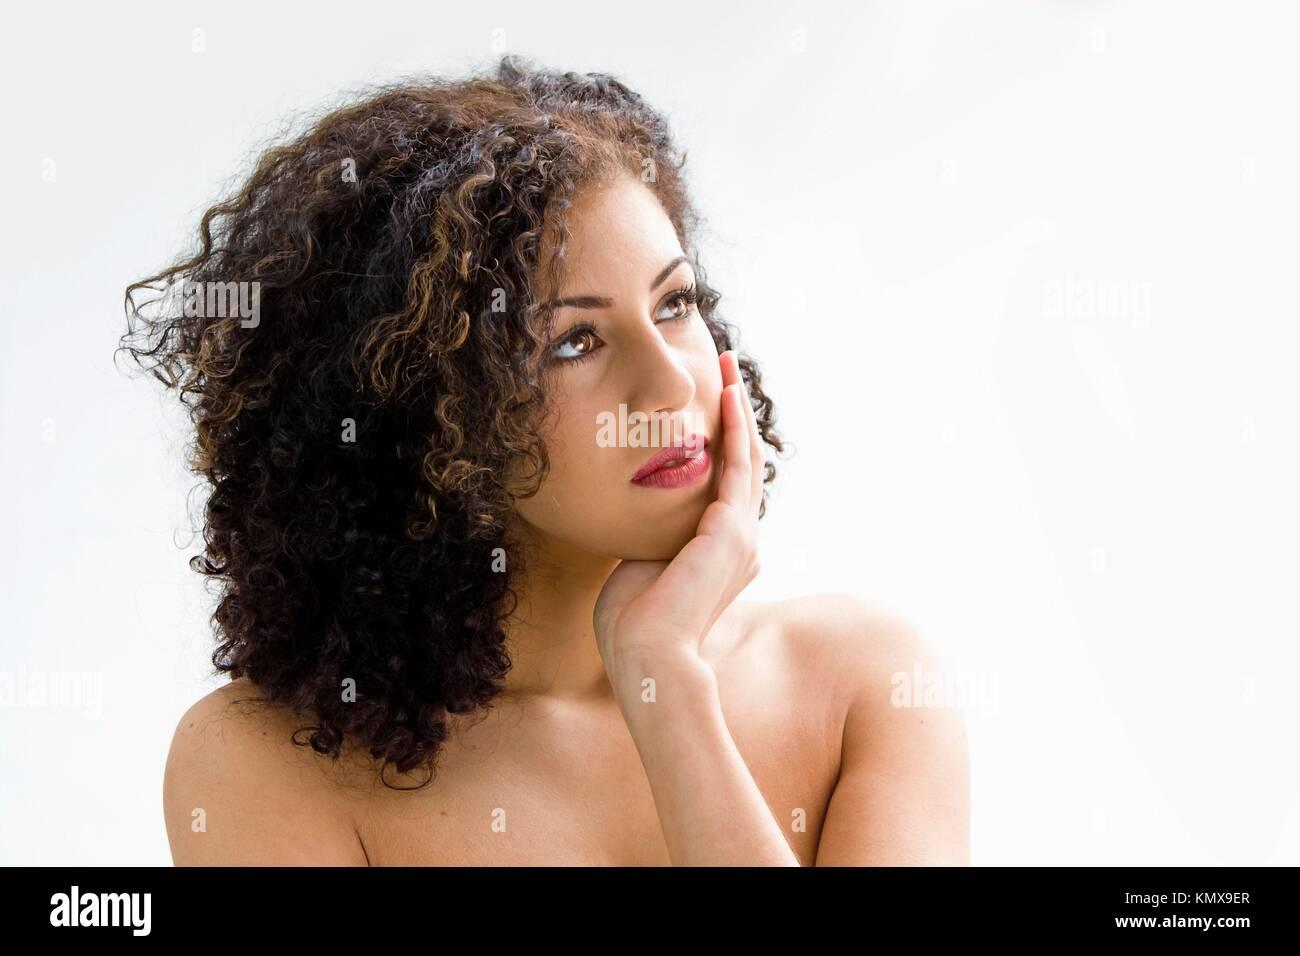 Hacked Alejandra Guzman nude photos 2019